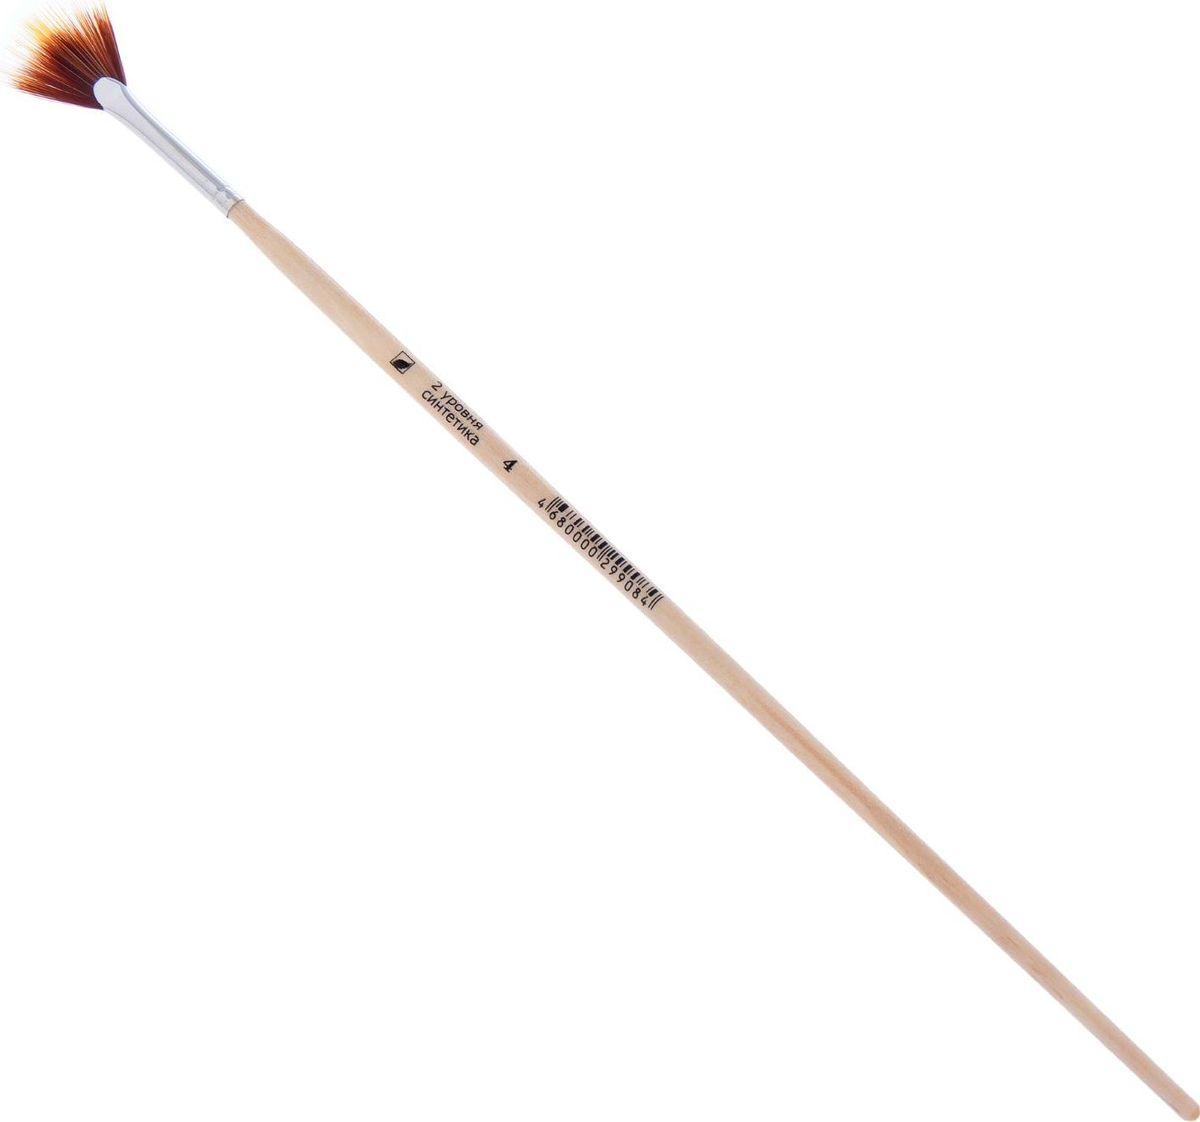 Альбатрос Кисть Хобби из нейлона веерная № 4CS-MA4190100Художественная кисть Хобби изготовлена из синтетического материала с двухуровневой выставкой волоса разной плотности. Такая форма позволяет выполнять фигурные мазки, имитирующие разнообразную текстуру: дерево, траву, ткань и другие.Изделие имеет покрытую глянцевым лаком деревянную ручку и алюминиевую цельнотянутую обойму.Инструмент предназначен для создания растяжек и смягчения контрастов. Его можно использовать сухим — для затенения — и влажным — для создания эффекта испещрения полосками.Кисть Хобби поможет вам творить и вдохновит на создание новых шедевров!